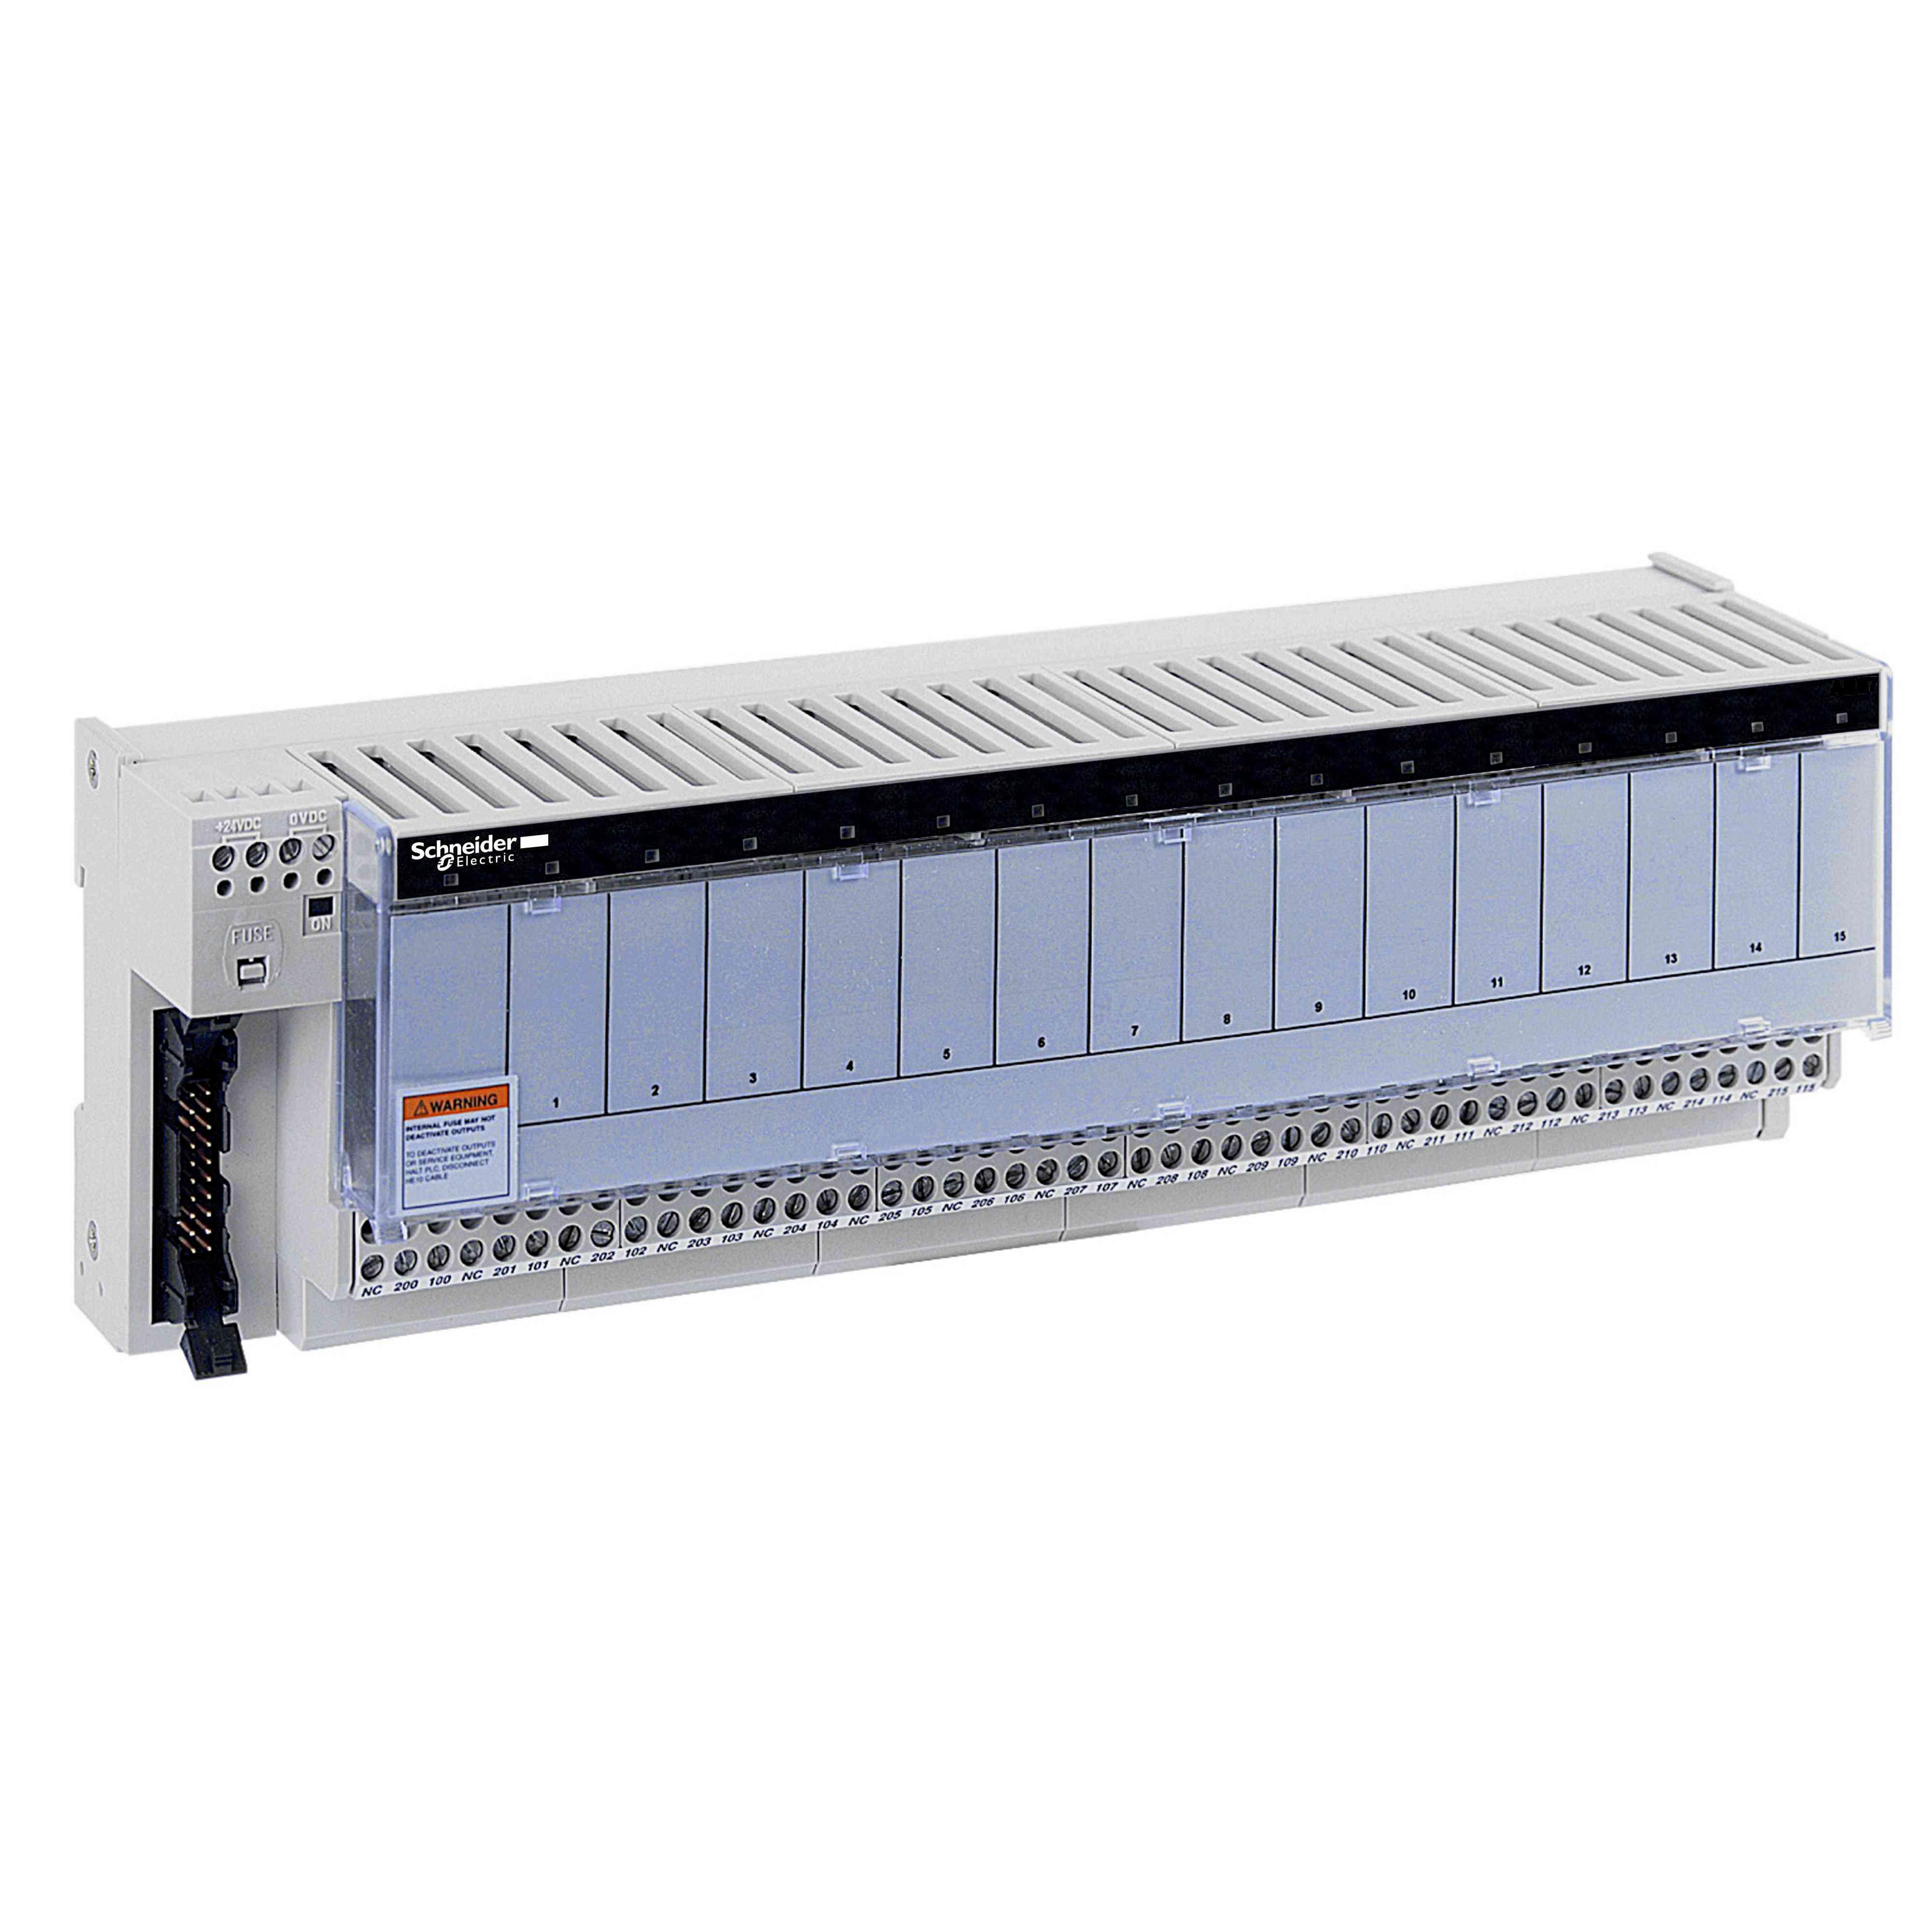 Pod-osnova - vtični elektromehanski releji ABE7 - 16 kanalov - rele 10 mm